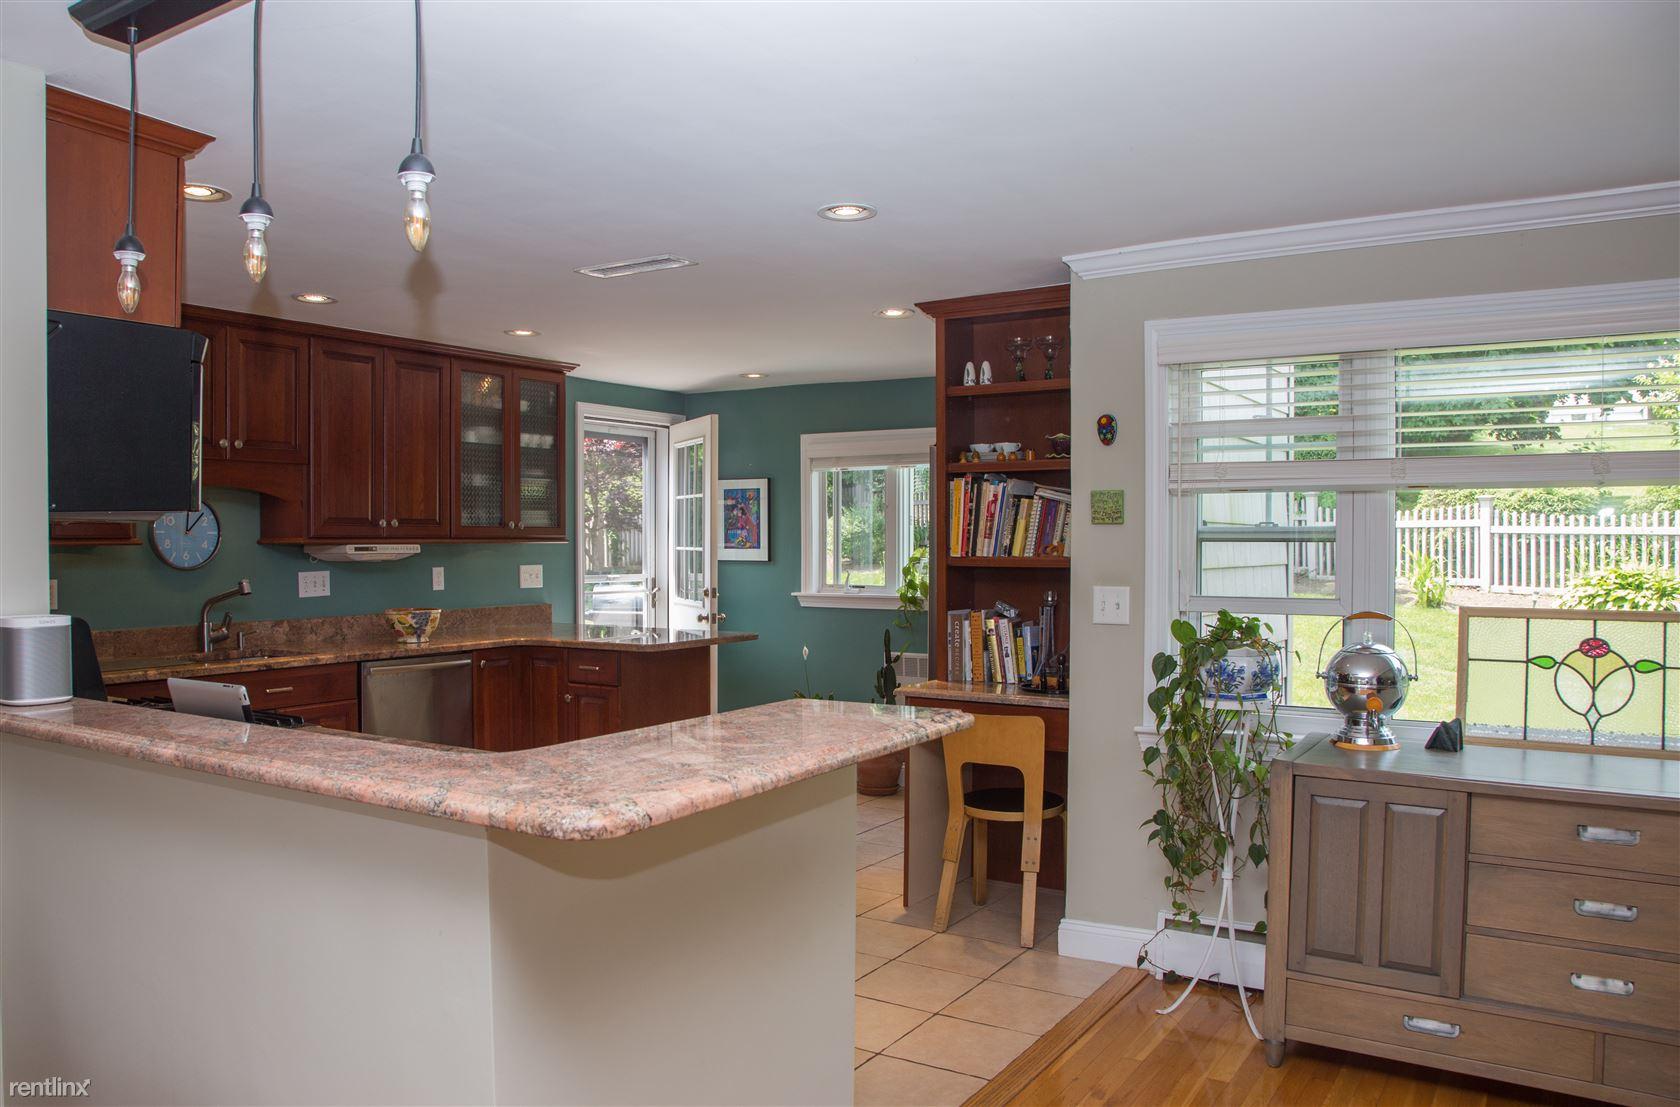 11 Augustus Rd, Waltham, MA - $4,000